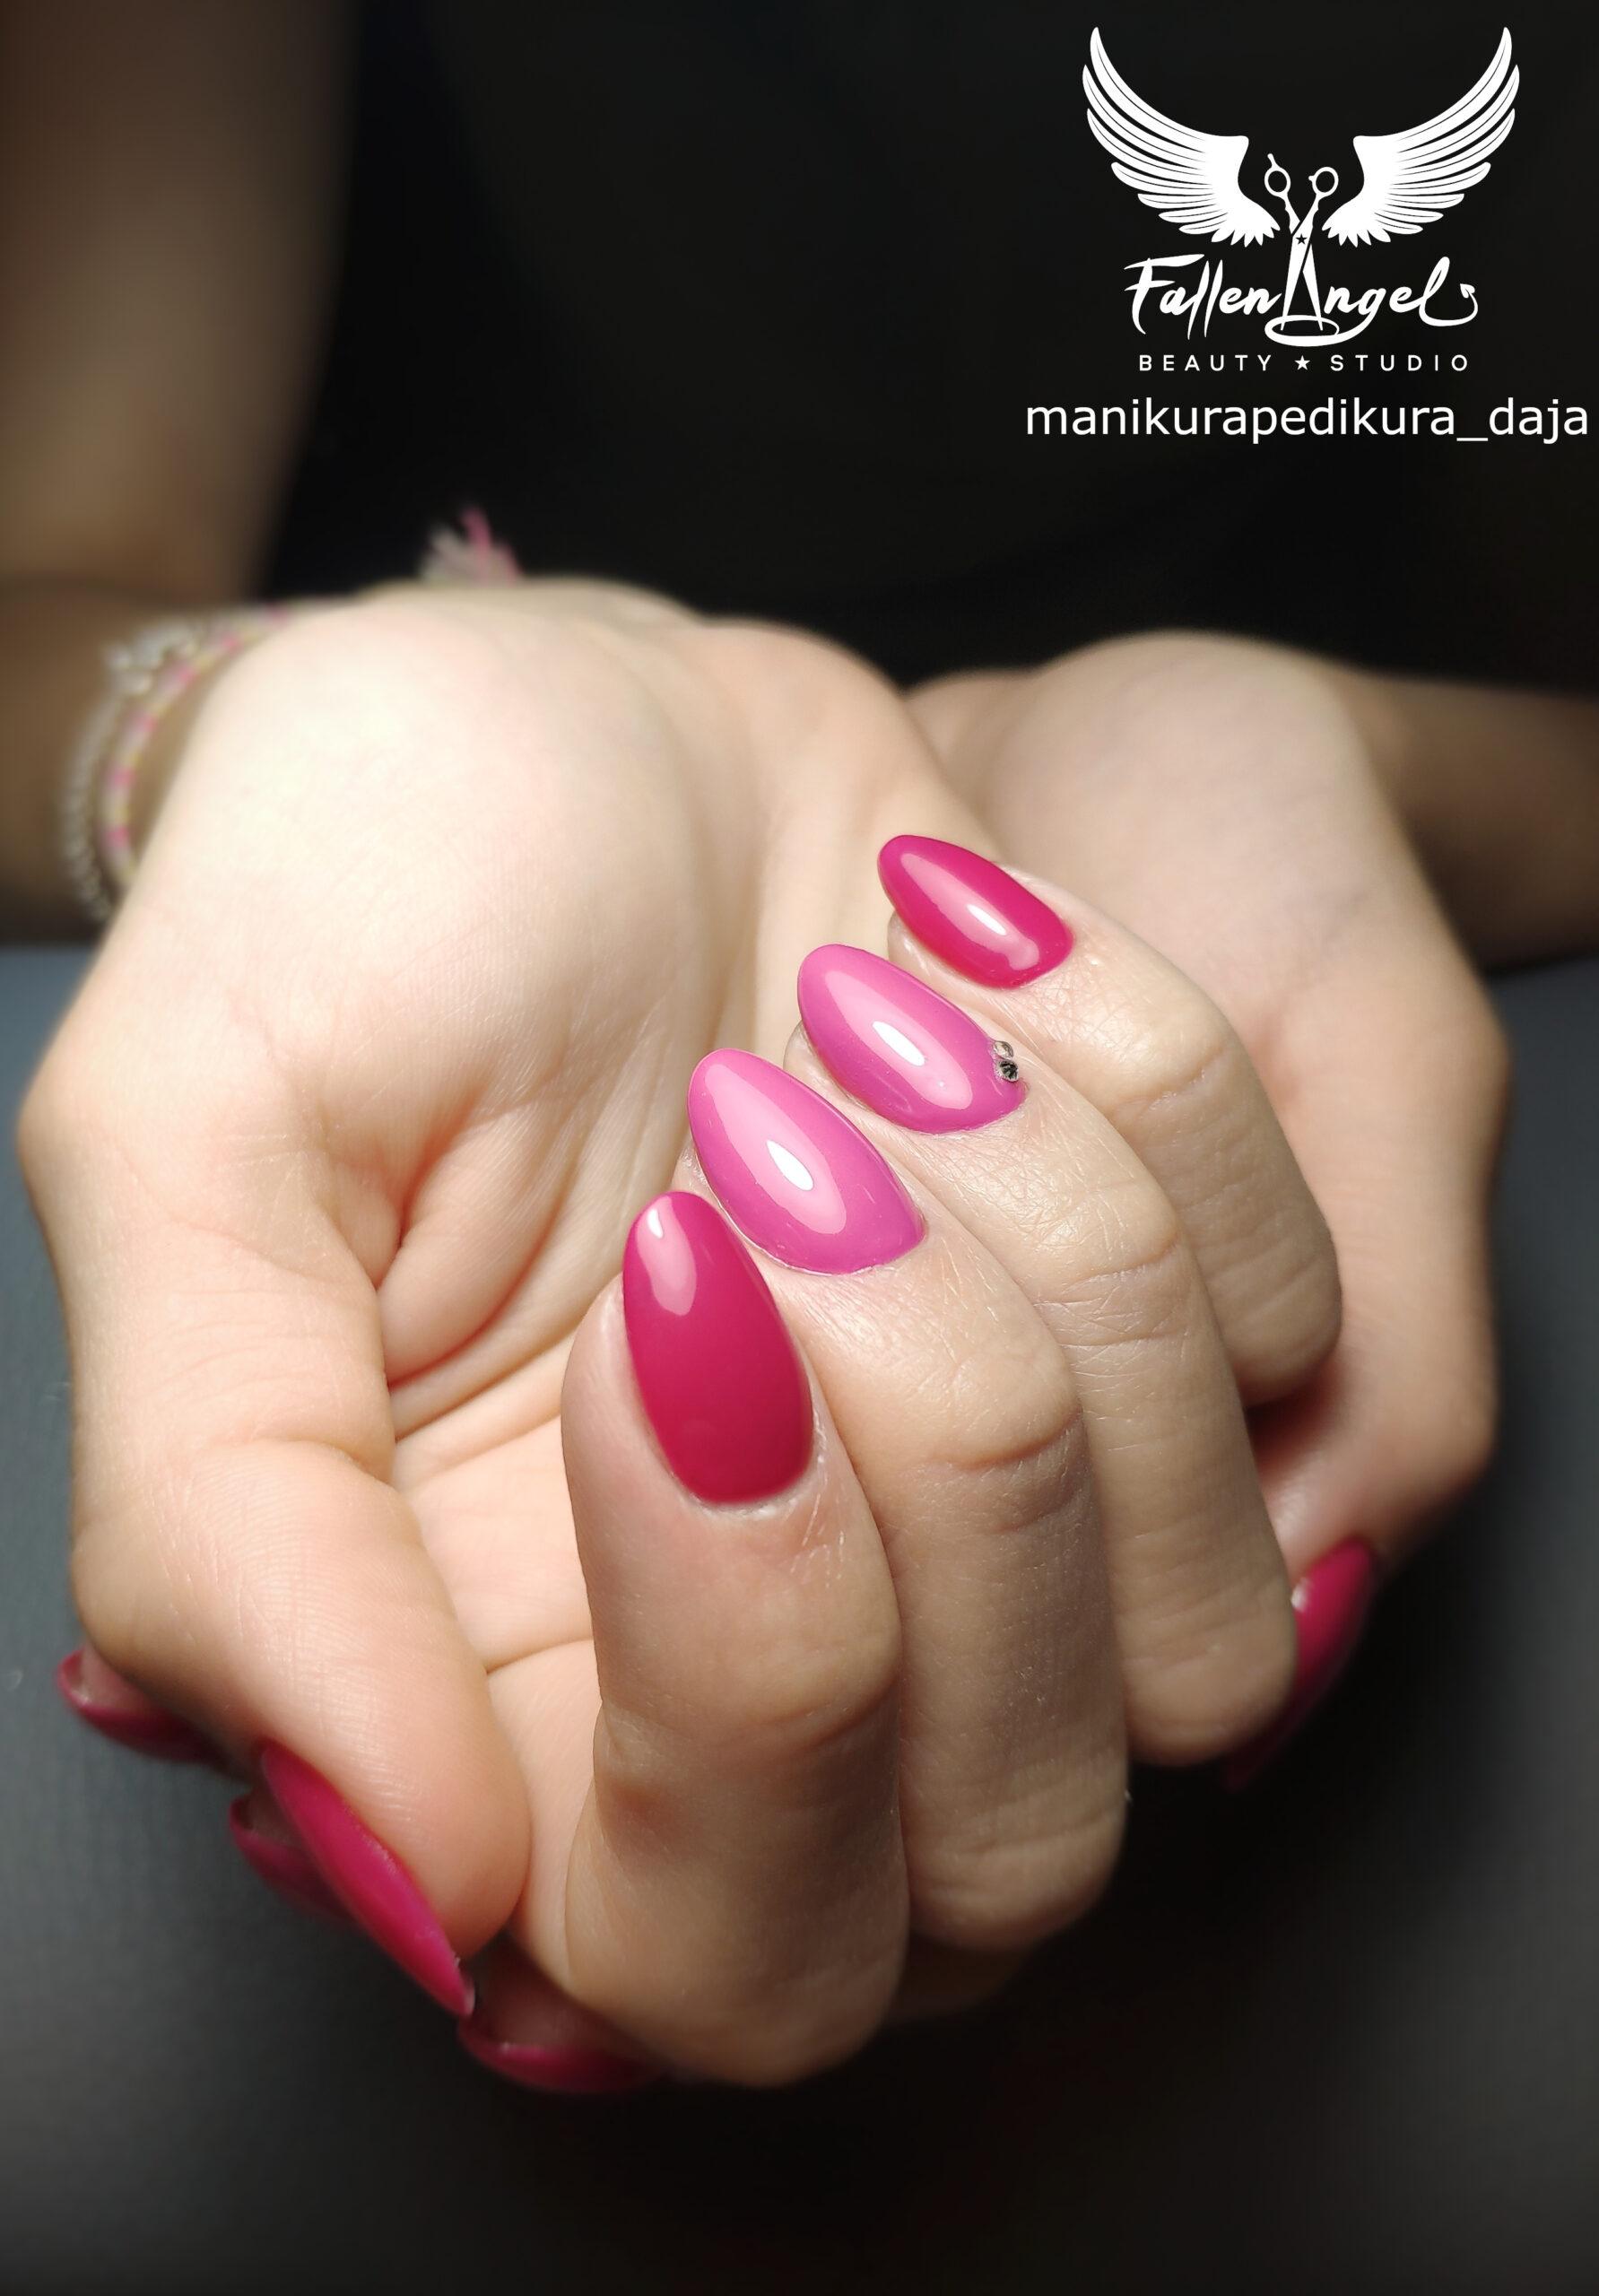 Zpevnění nehtů modelačním gel lakem s přístrojovou manikúrou.